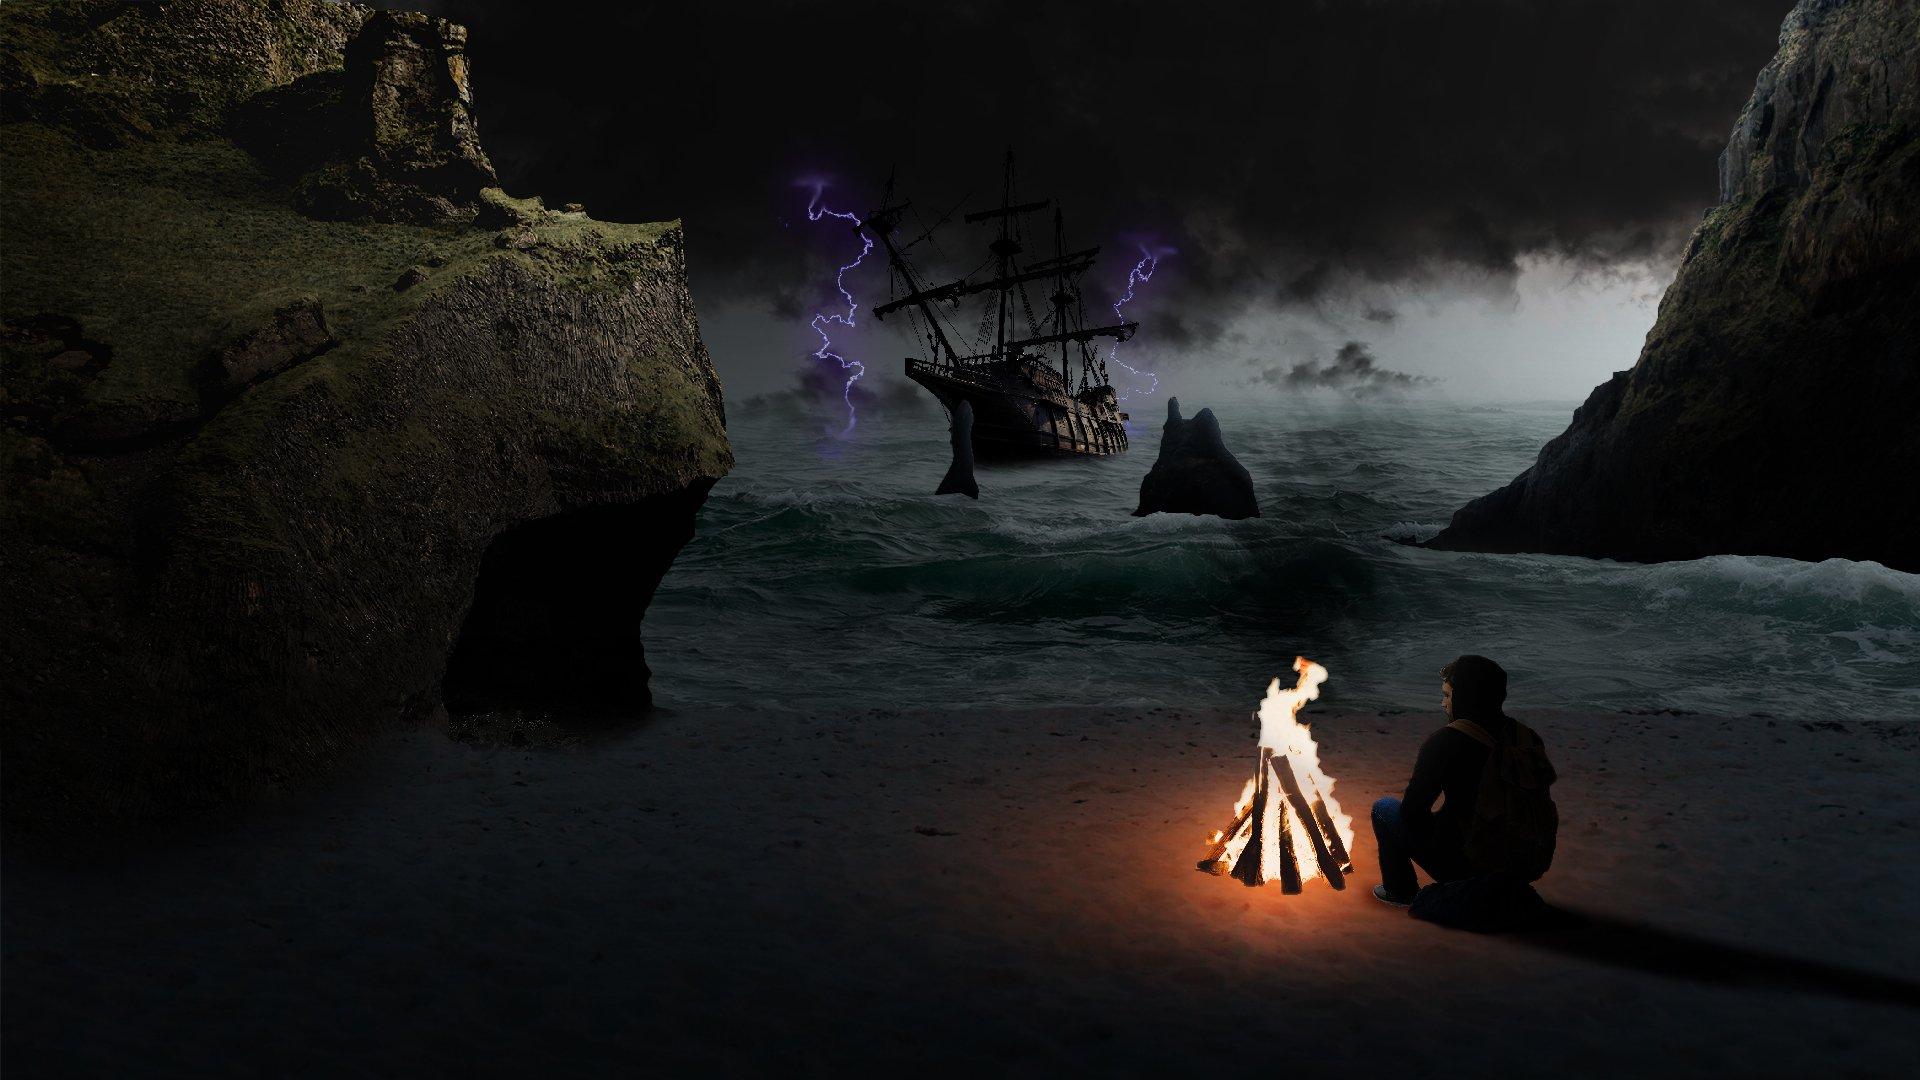 Художественные - Тьма  Пляж Буря Обои